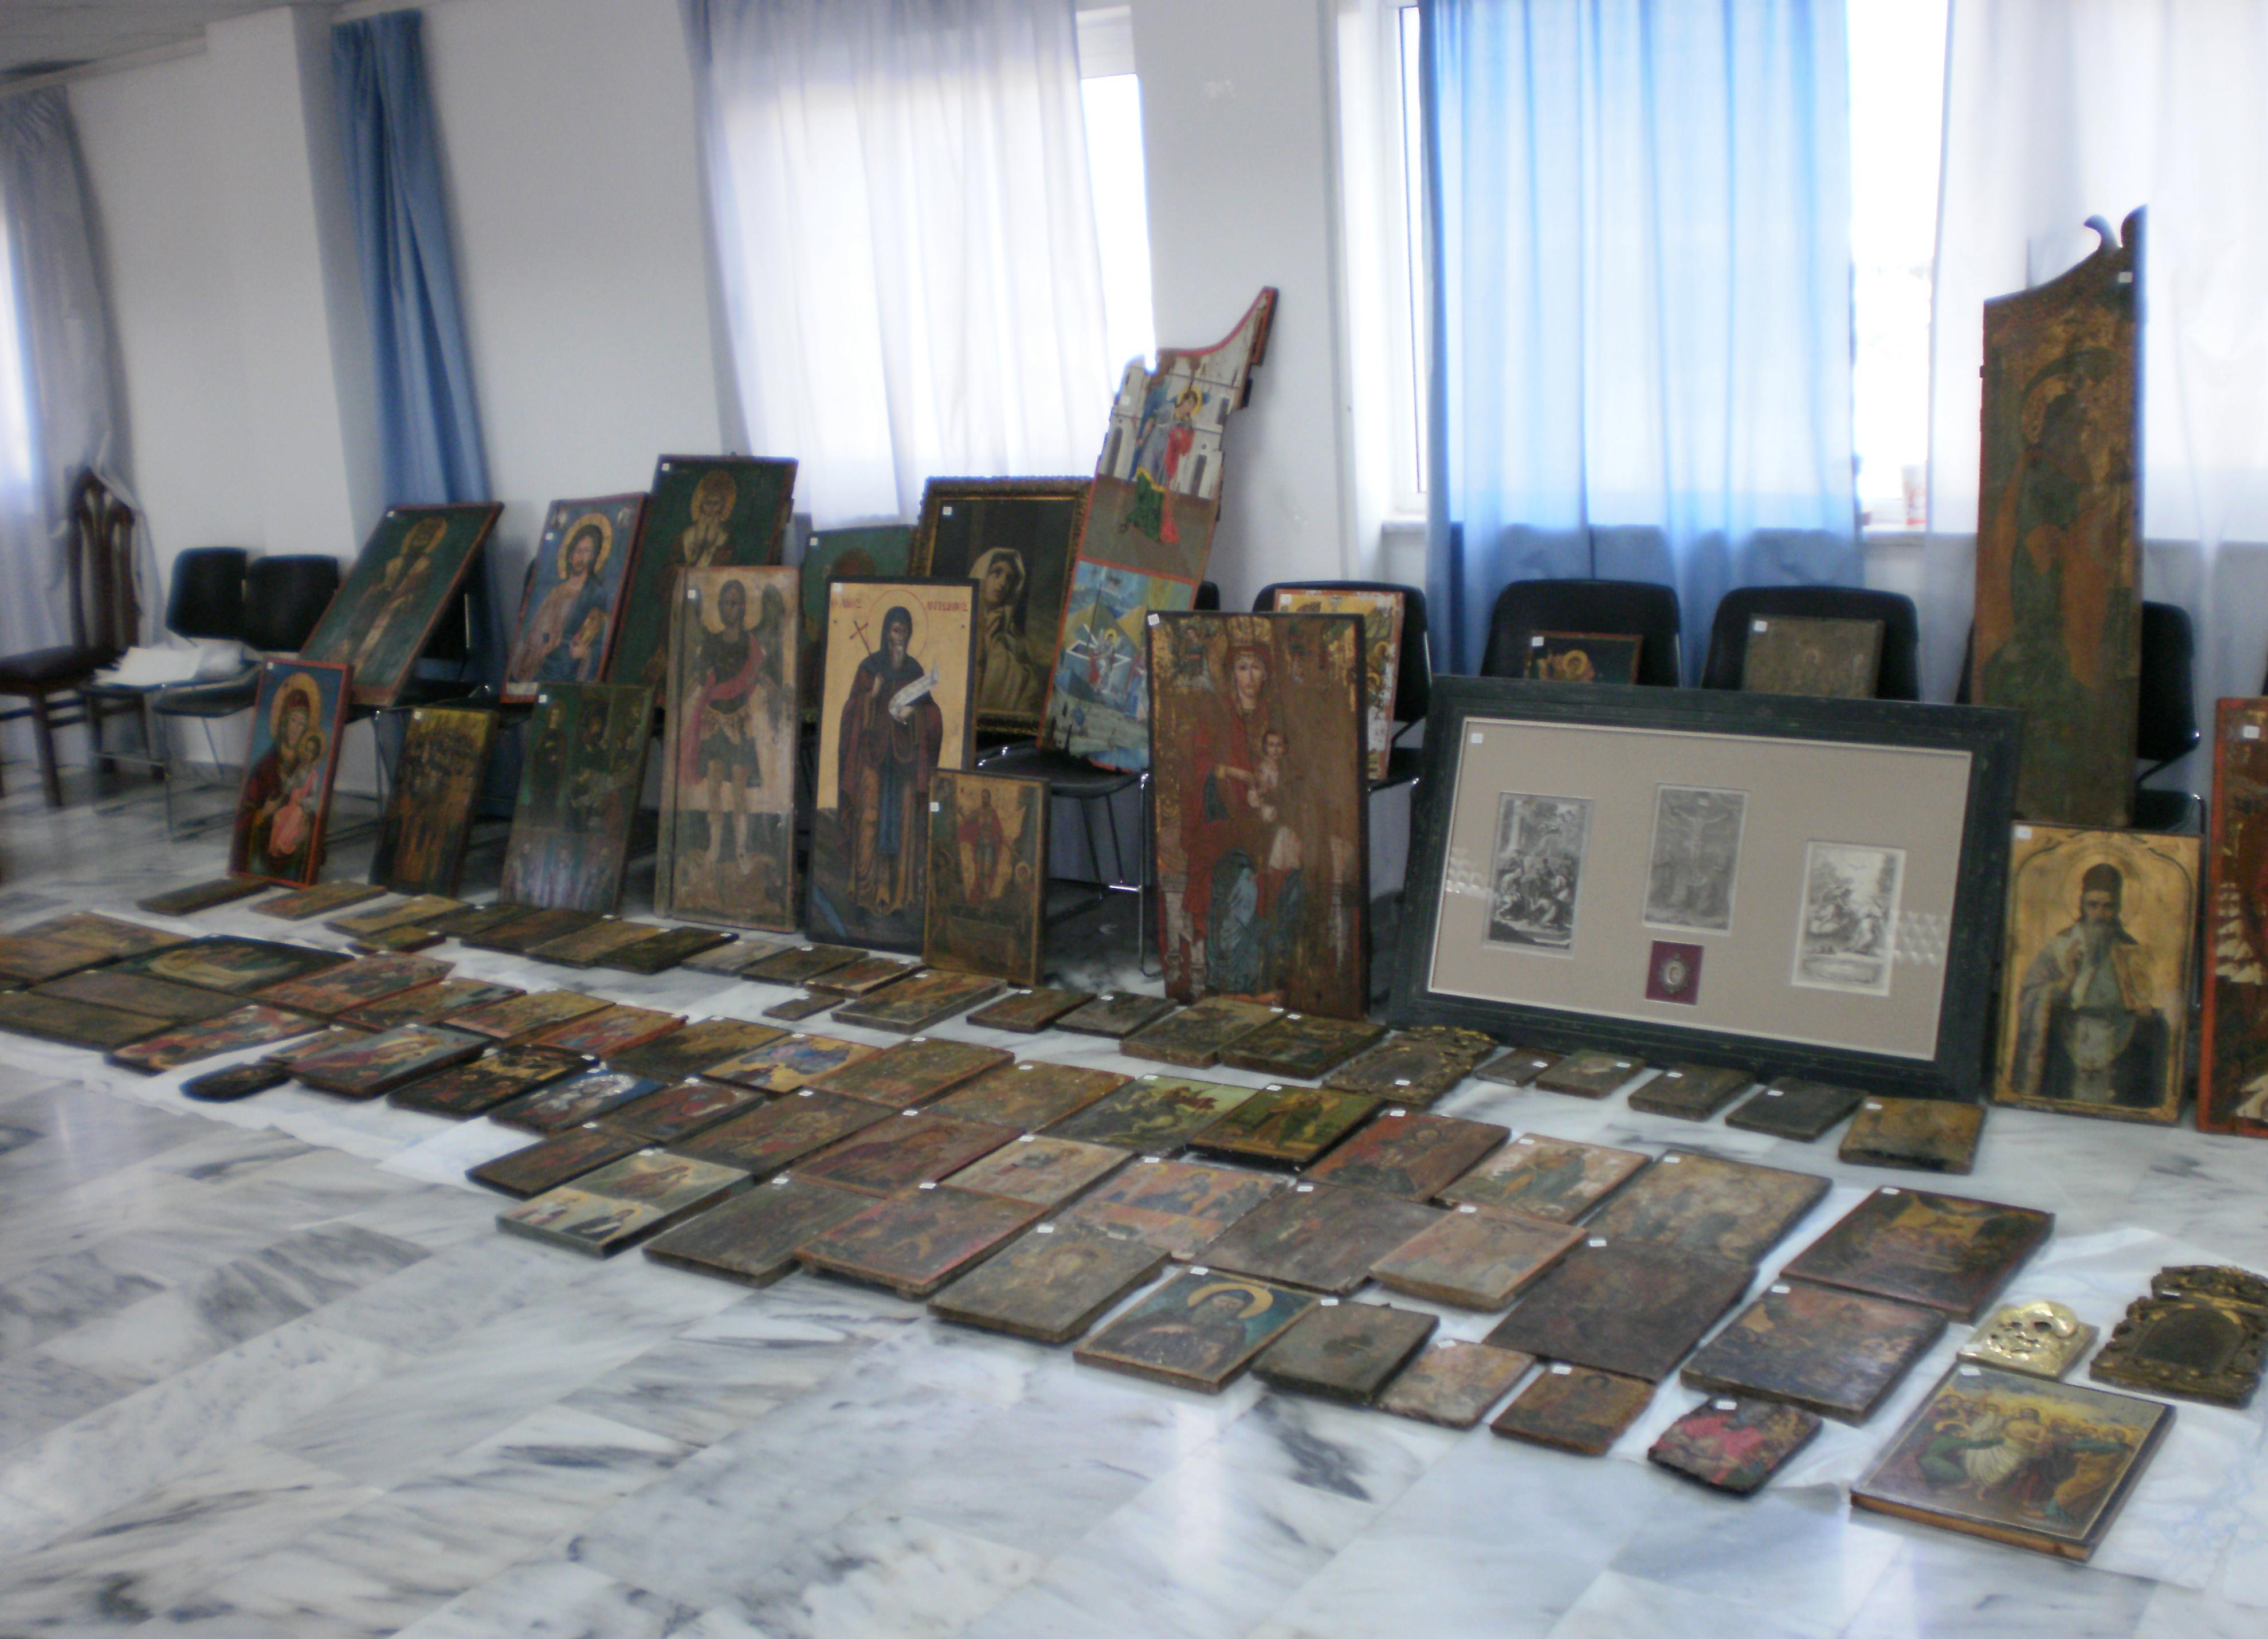 Οι εικόνες γεμίζουν το πάτωμα και τον τοίχο - ΦΩΤΟ από astynomia.gr